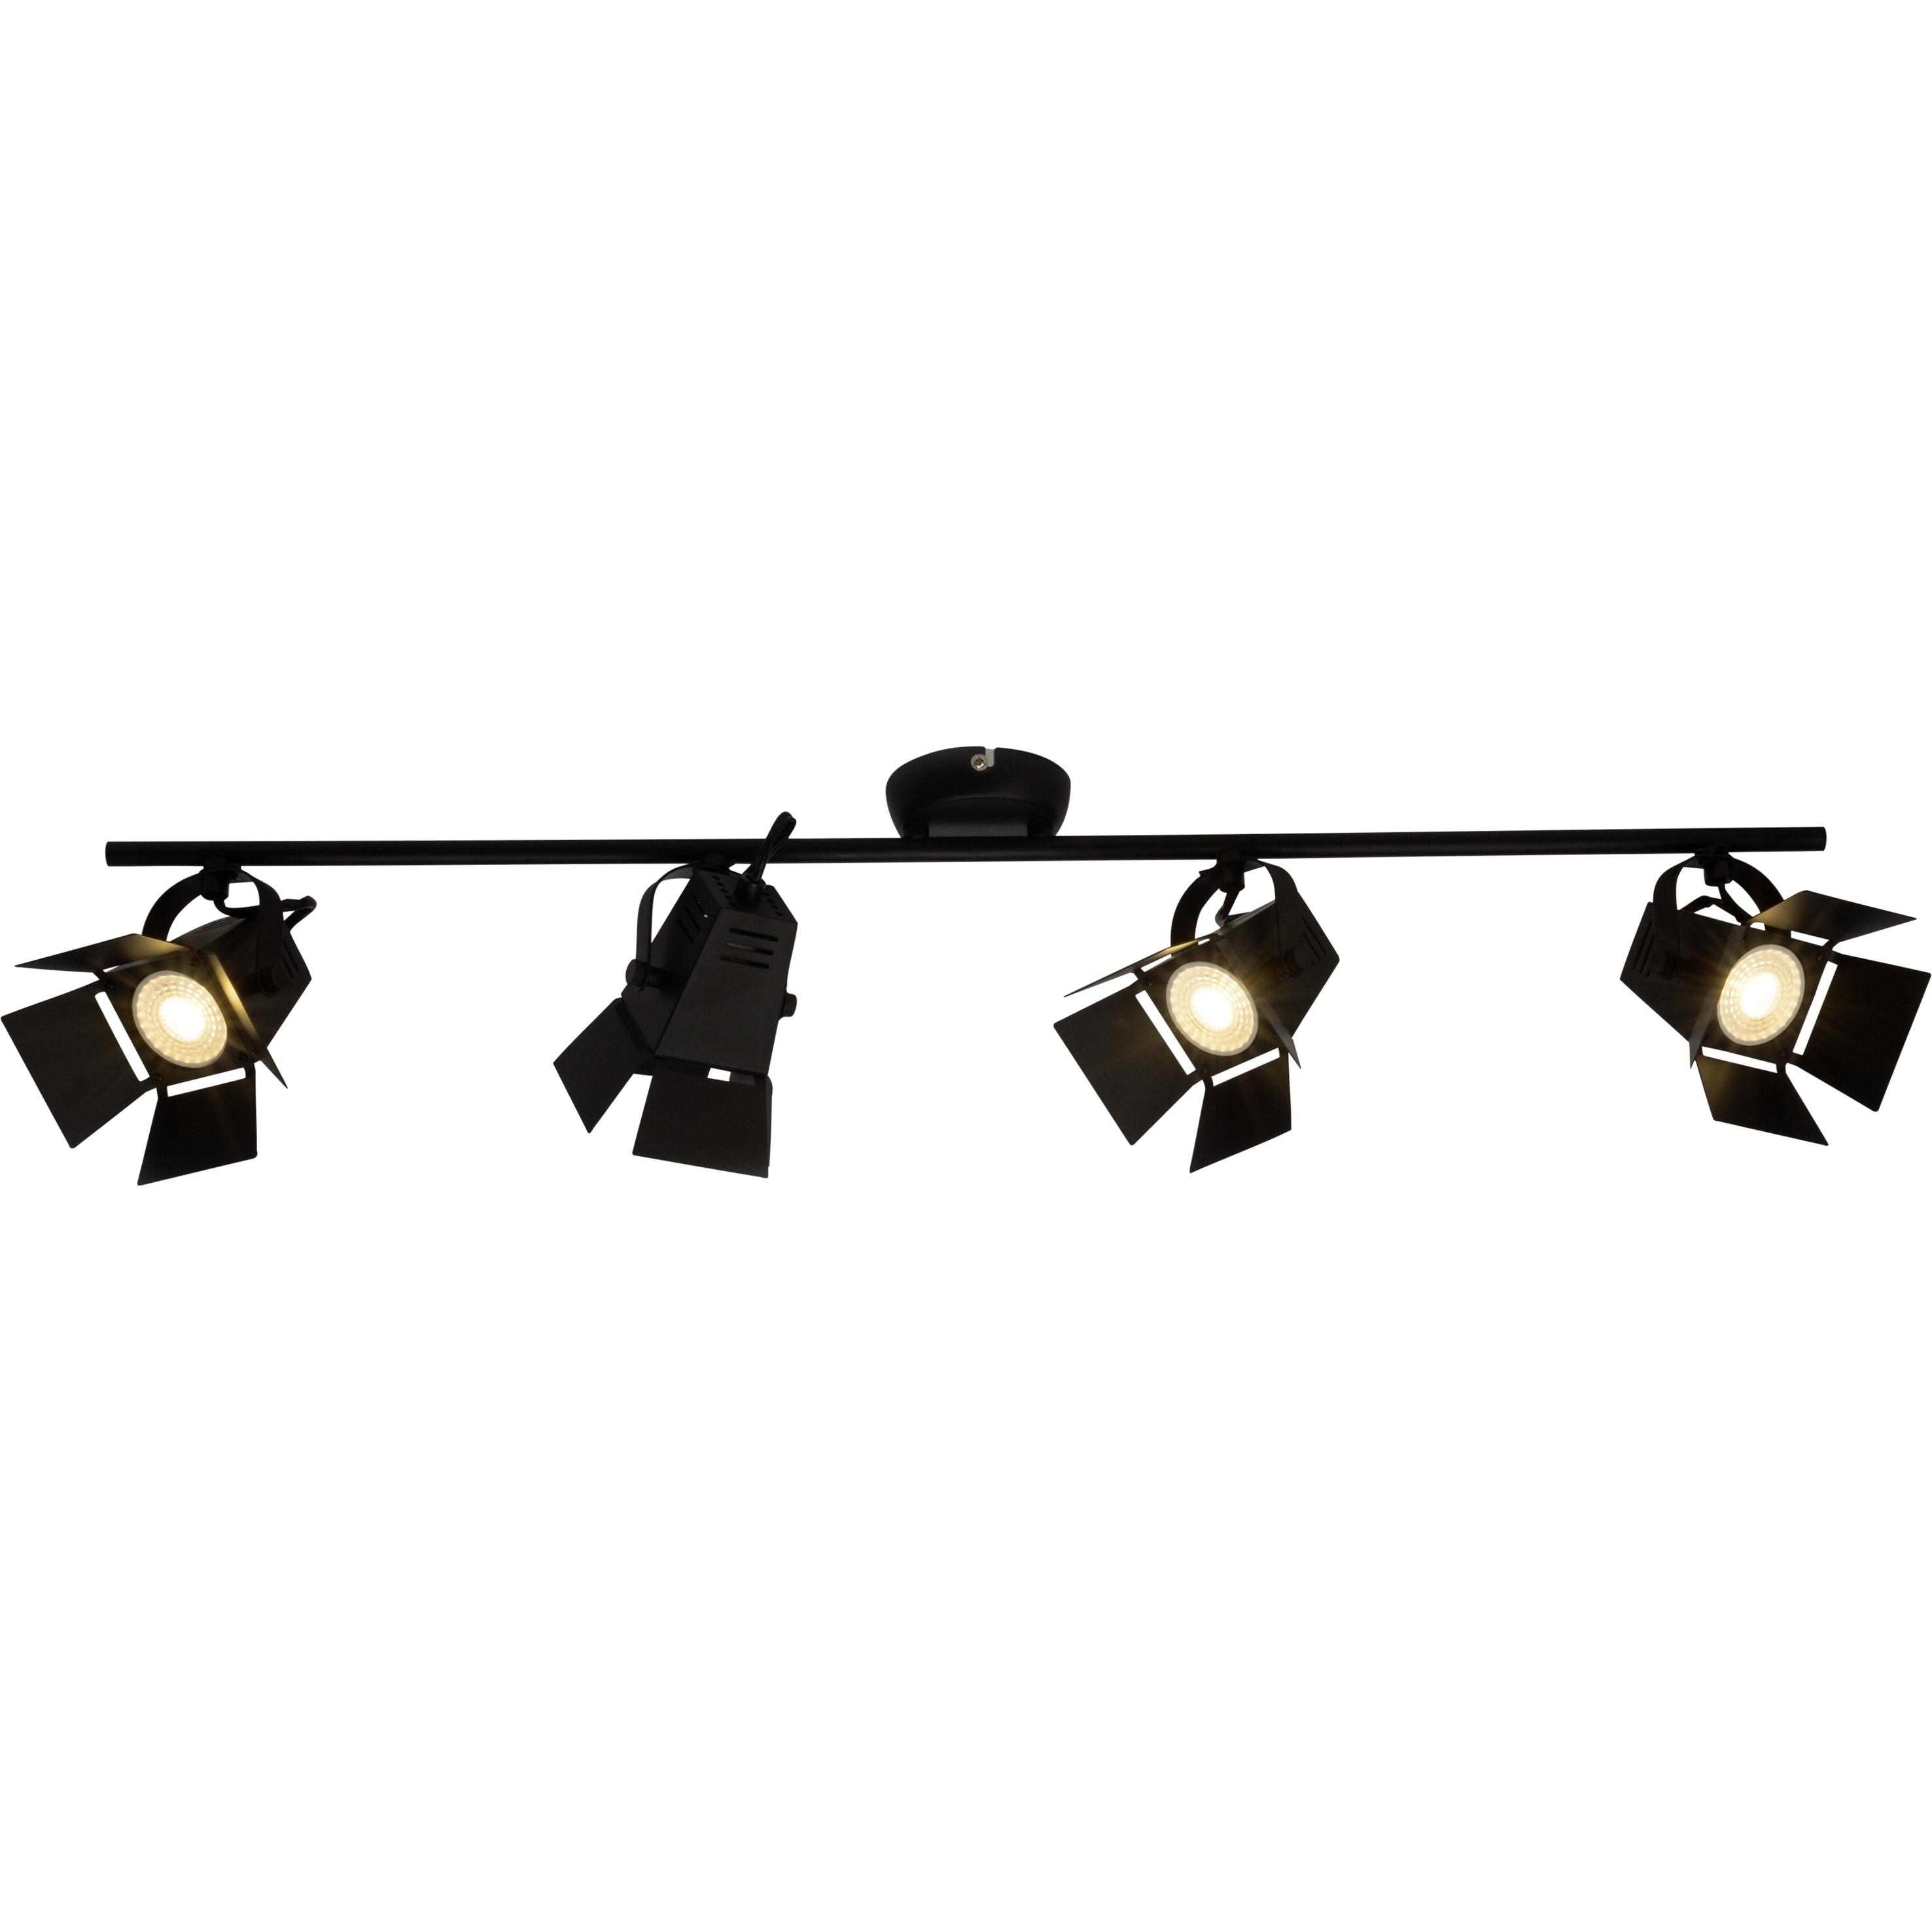 Brilliant Leuchten Movie LED Spotrohr 4flg schwarz matt